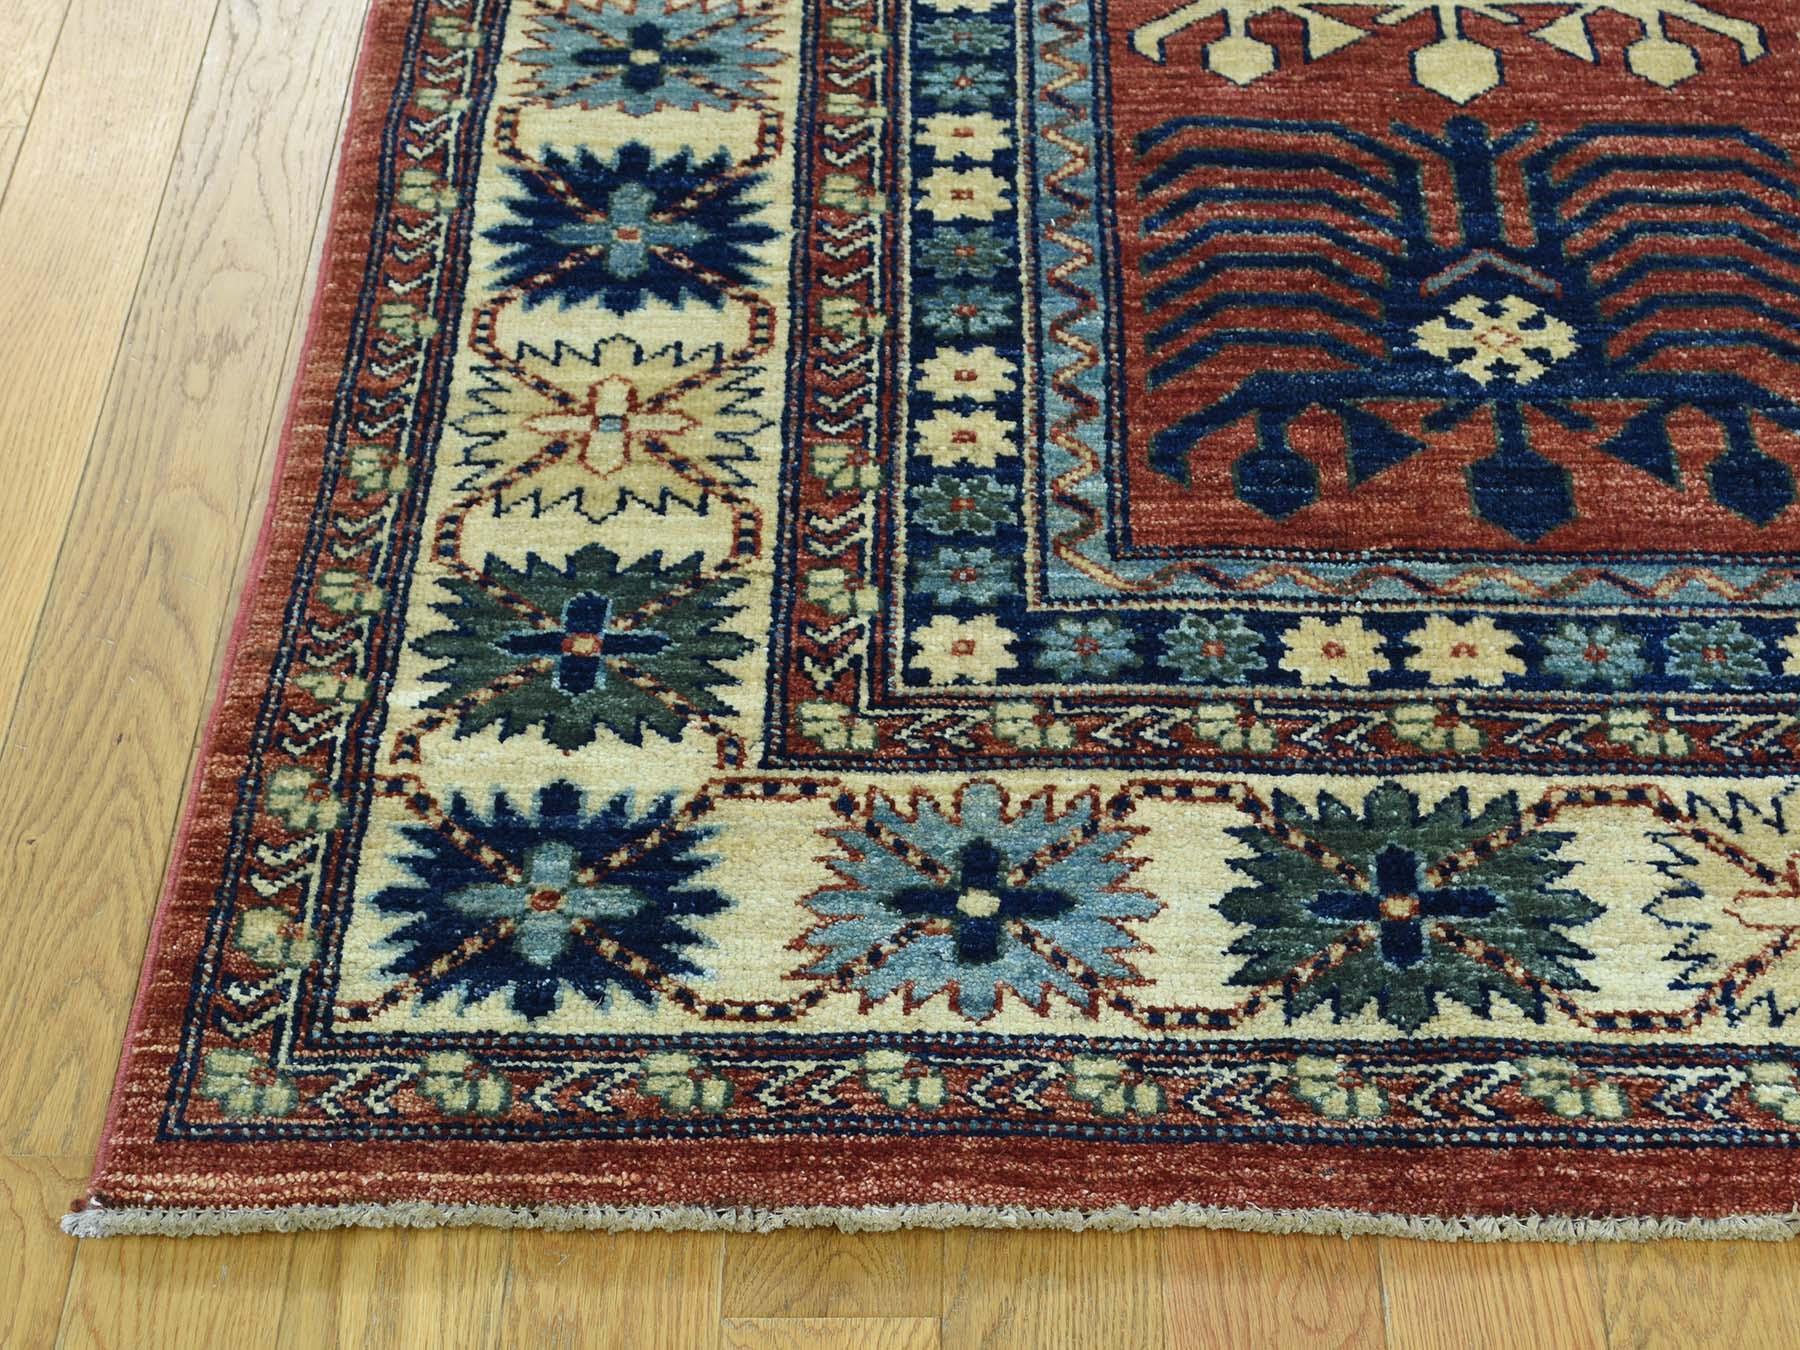 5-1 x8-2  Hand-Knotted Turkoman Ersari 100 Percent Wool Oriental Carpet